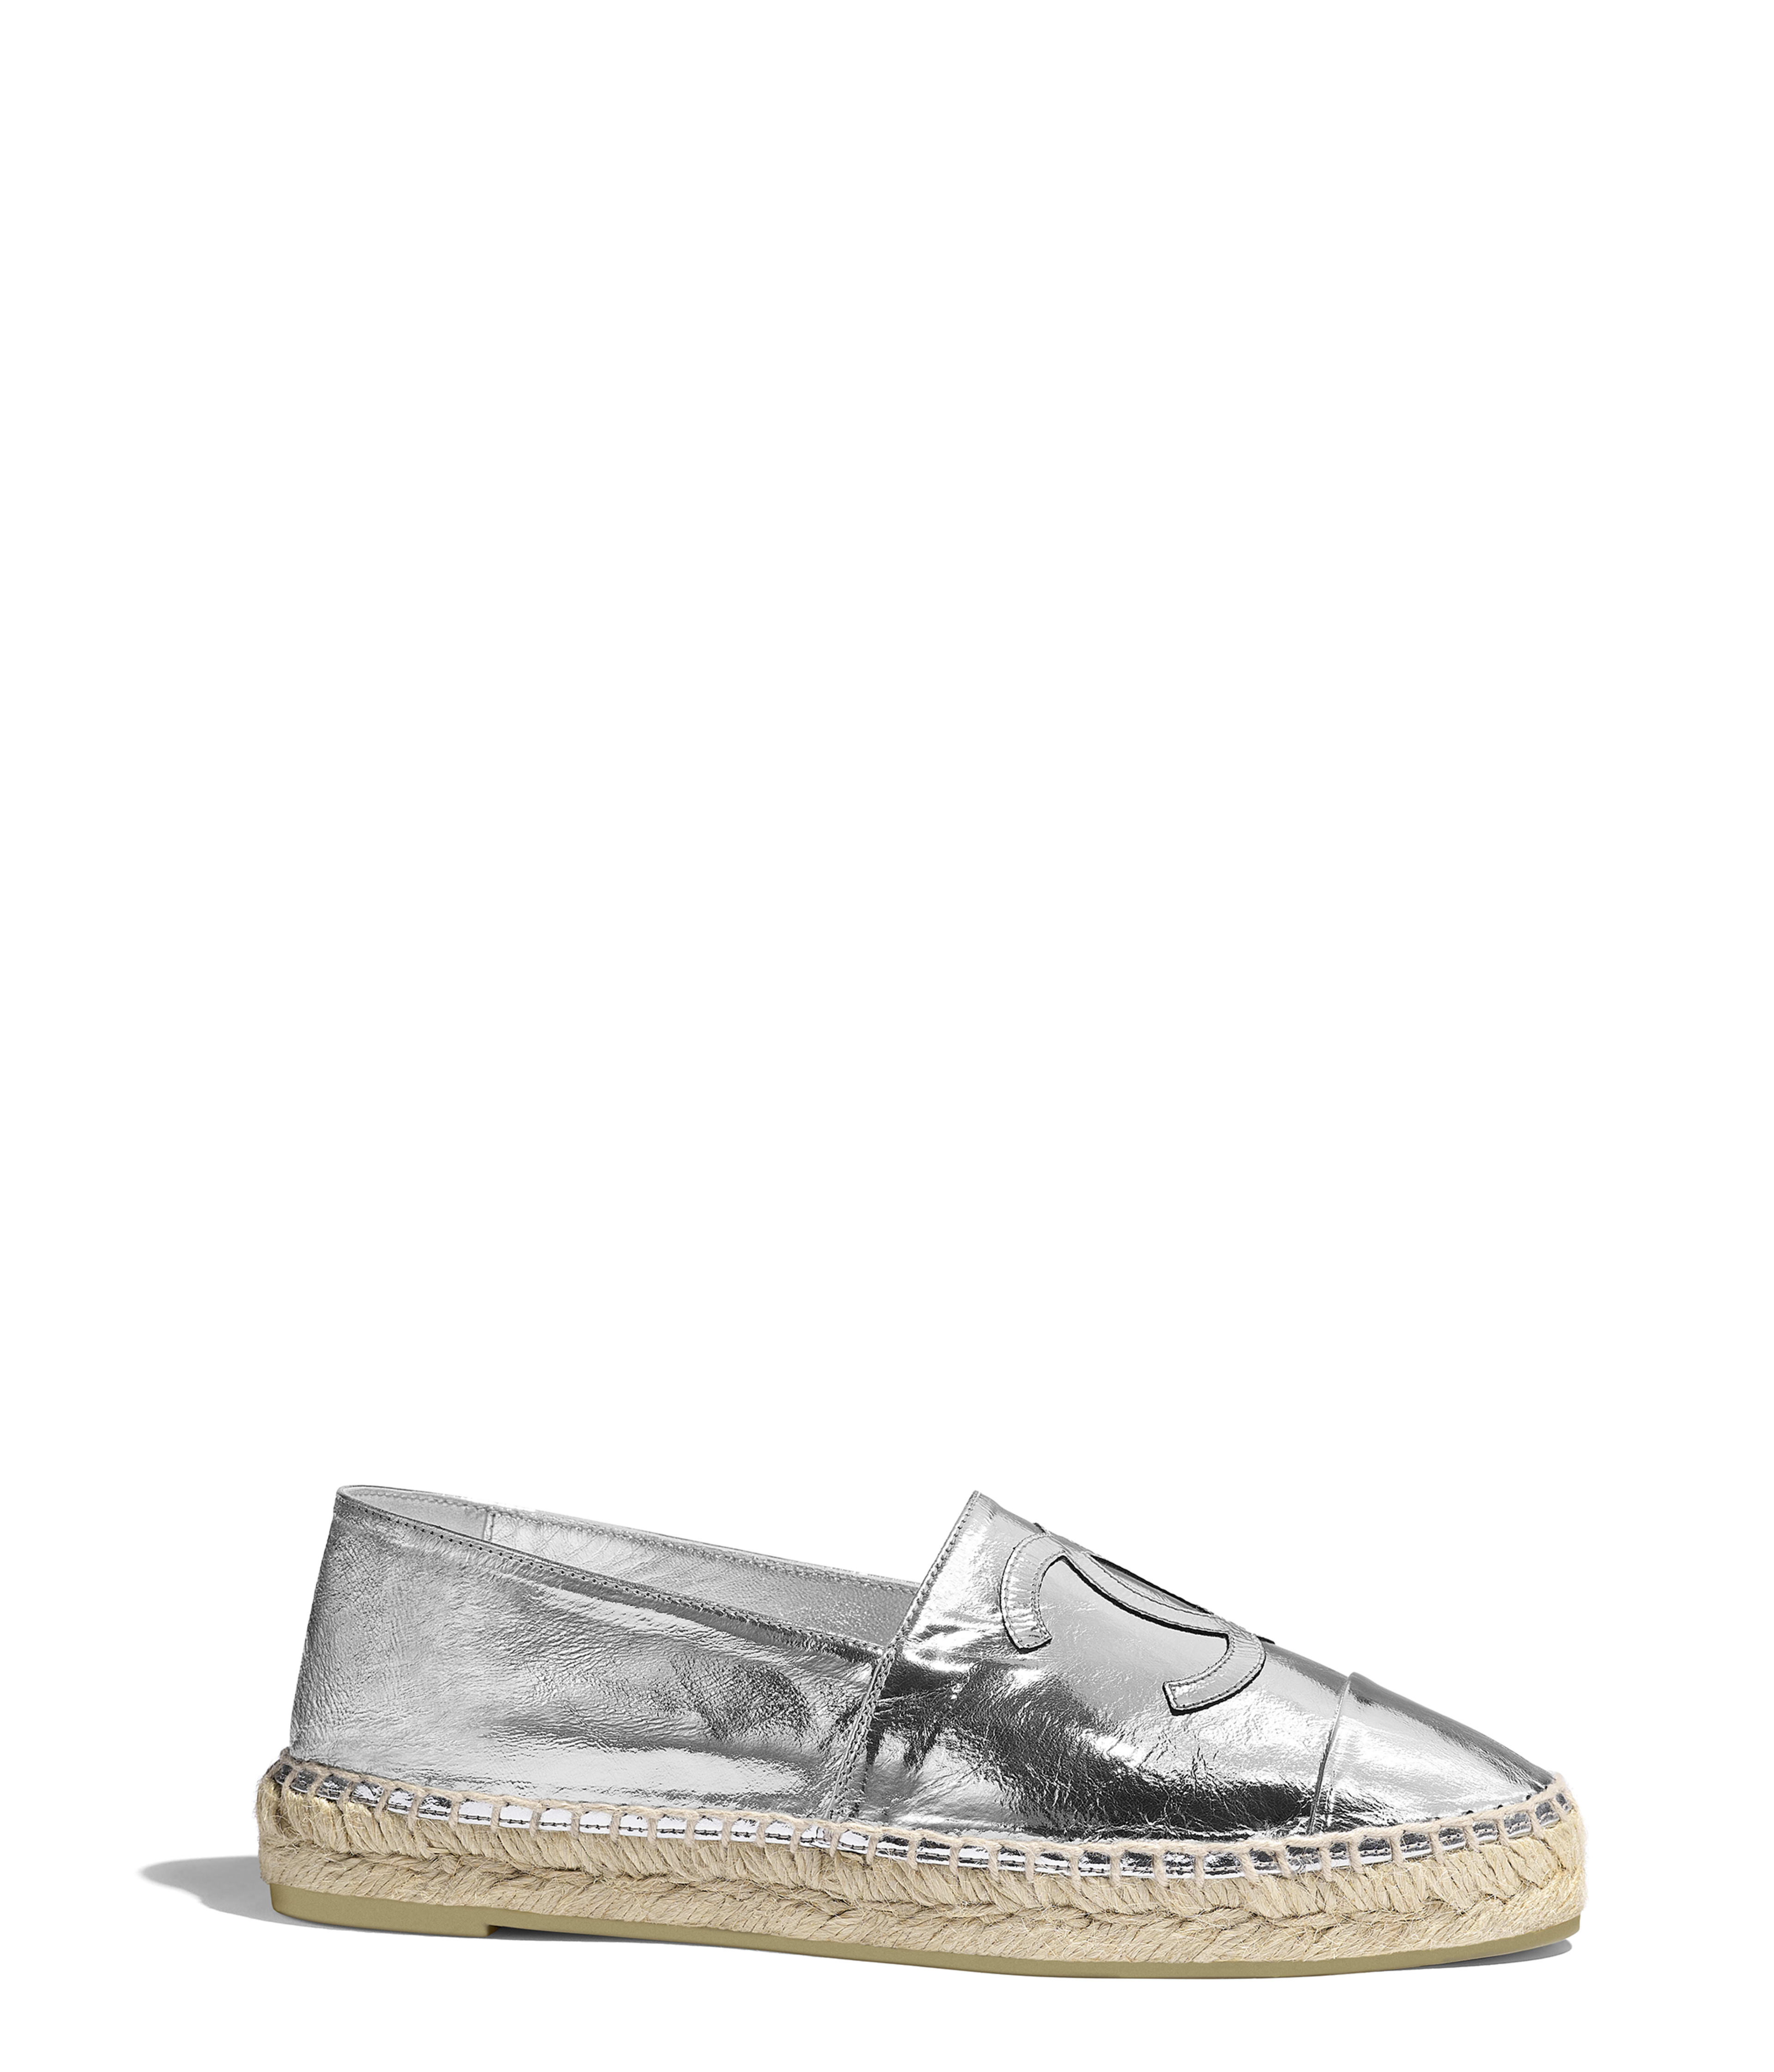 Espadrilles Shoes Chanel